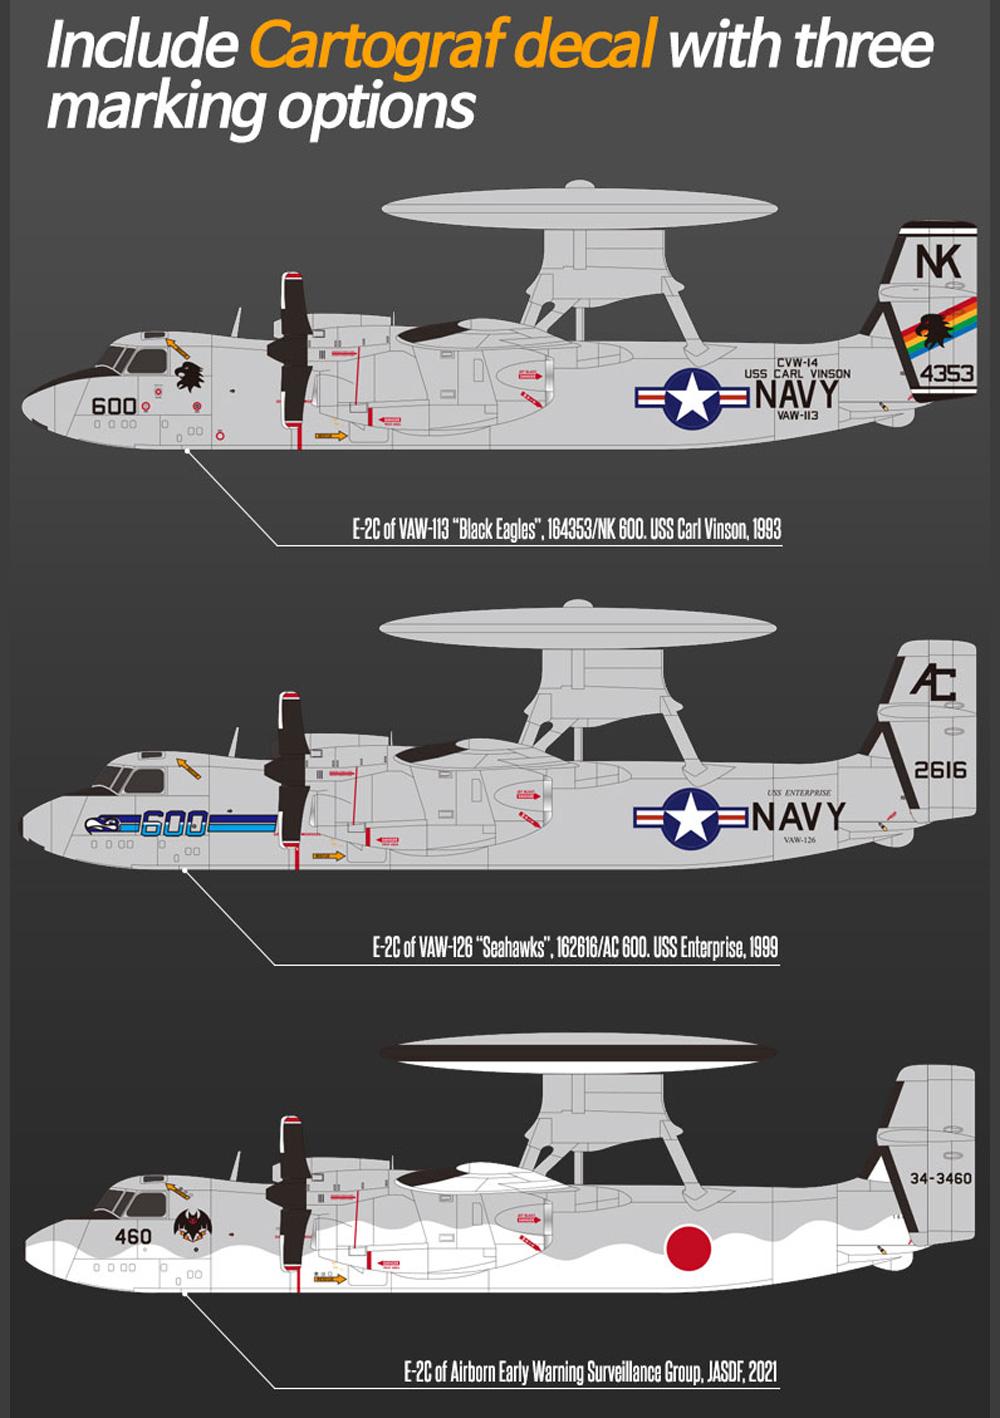 USN E-2C ホークアイ VAW-113 ブラックイーグルスプラモデル(アカデミー1/144 Scale AircraftsNo.12623)商品画像_2